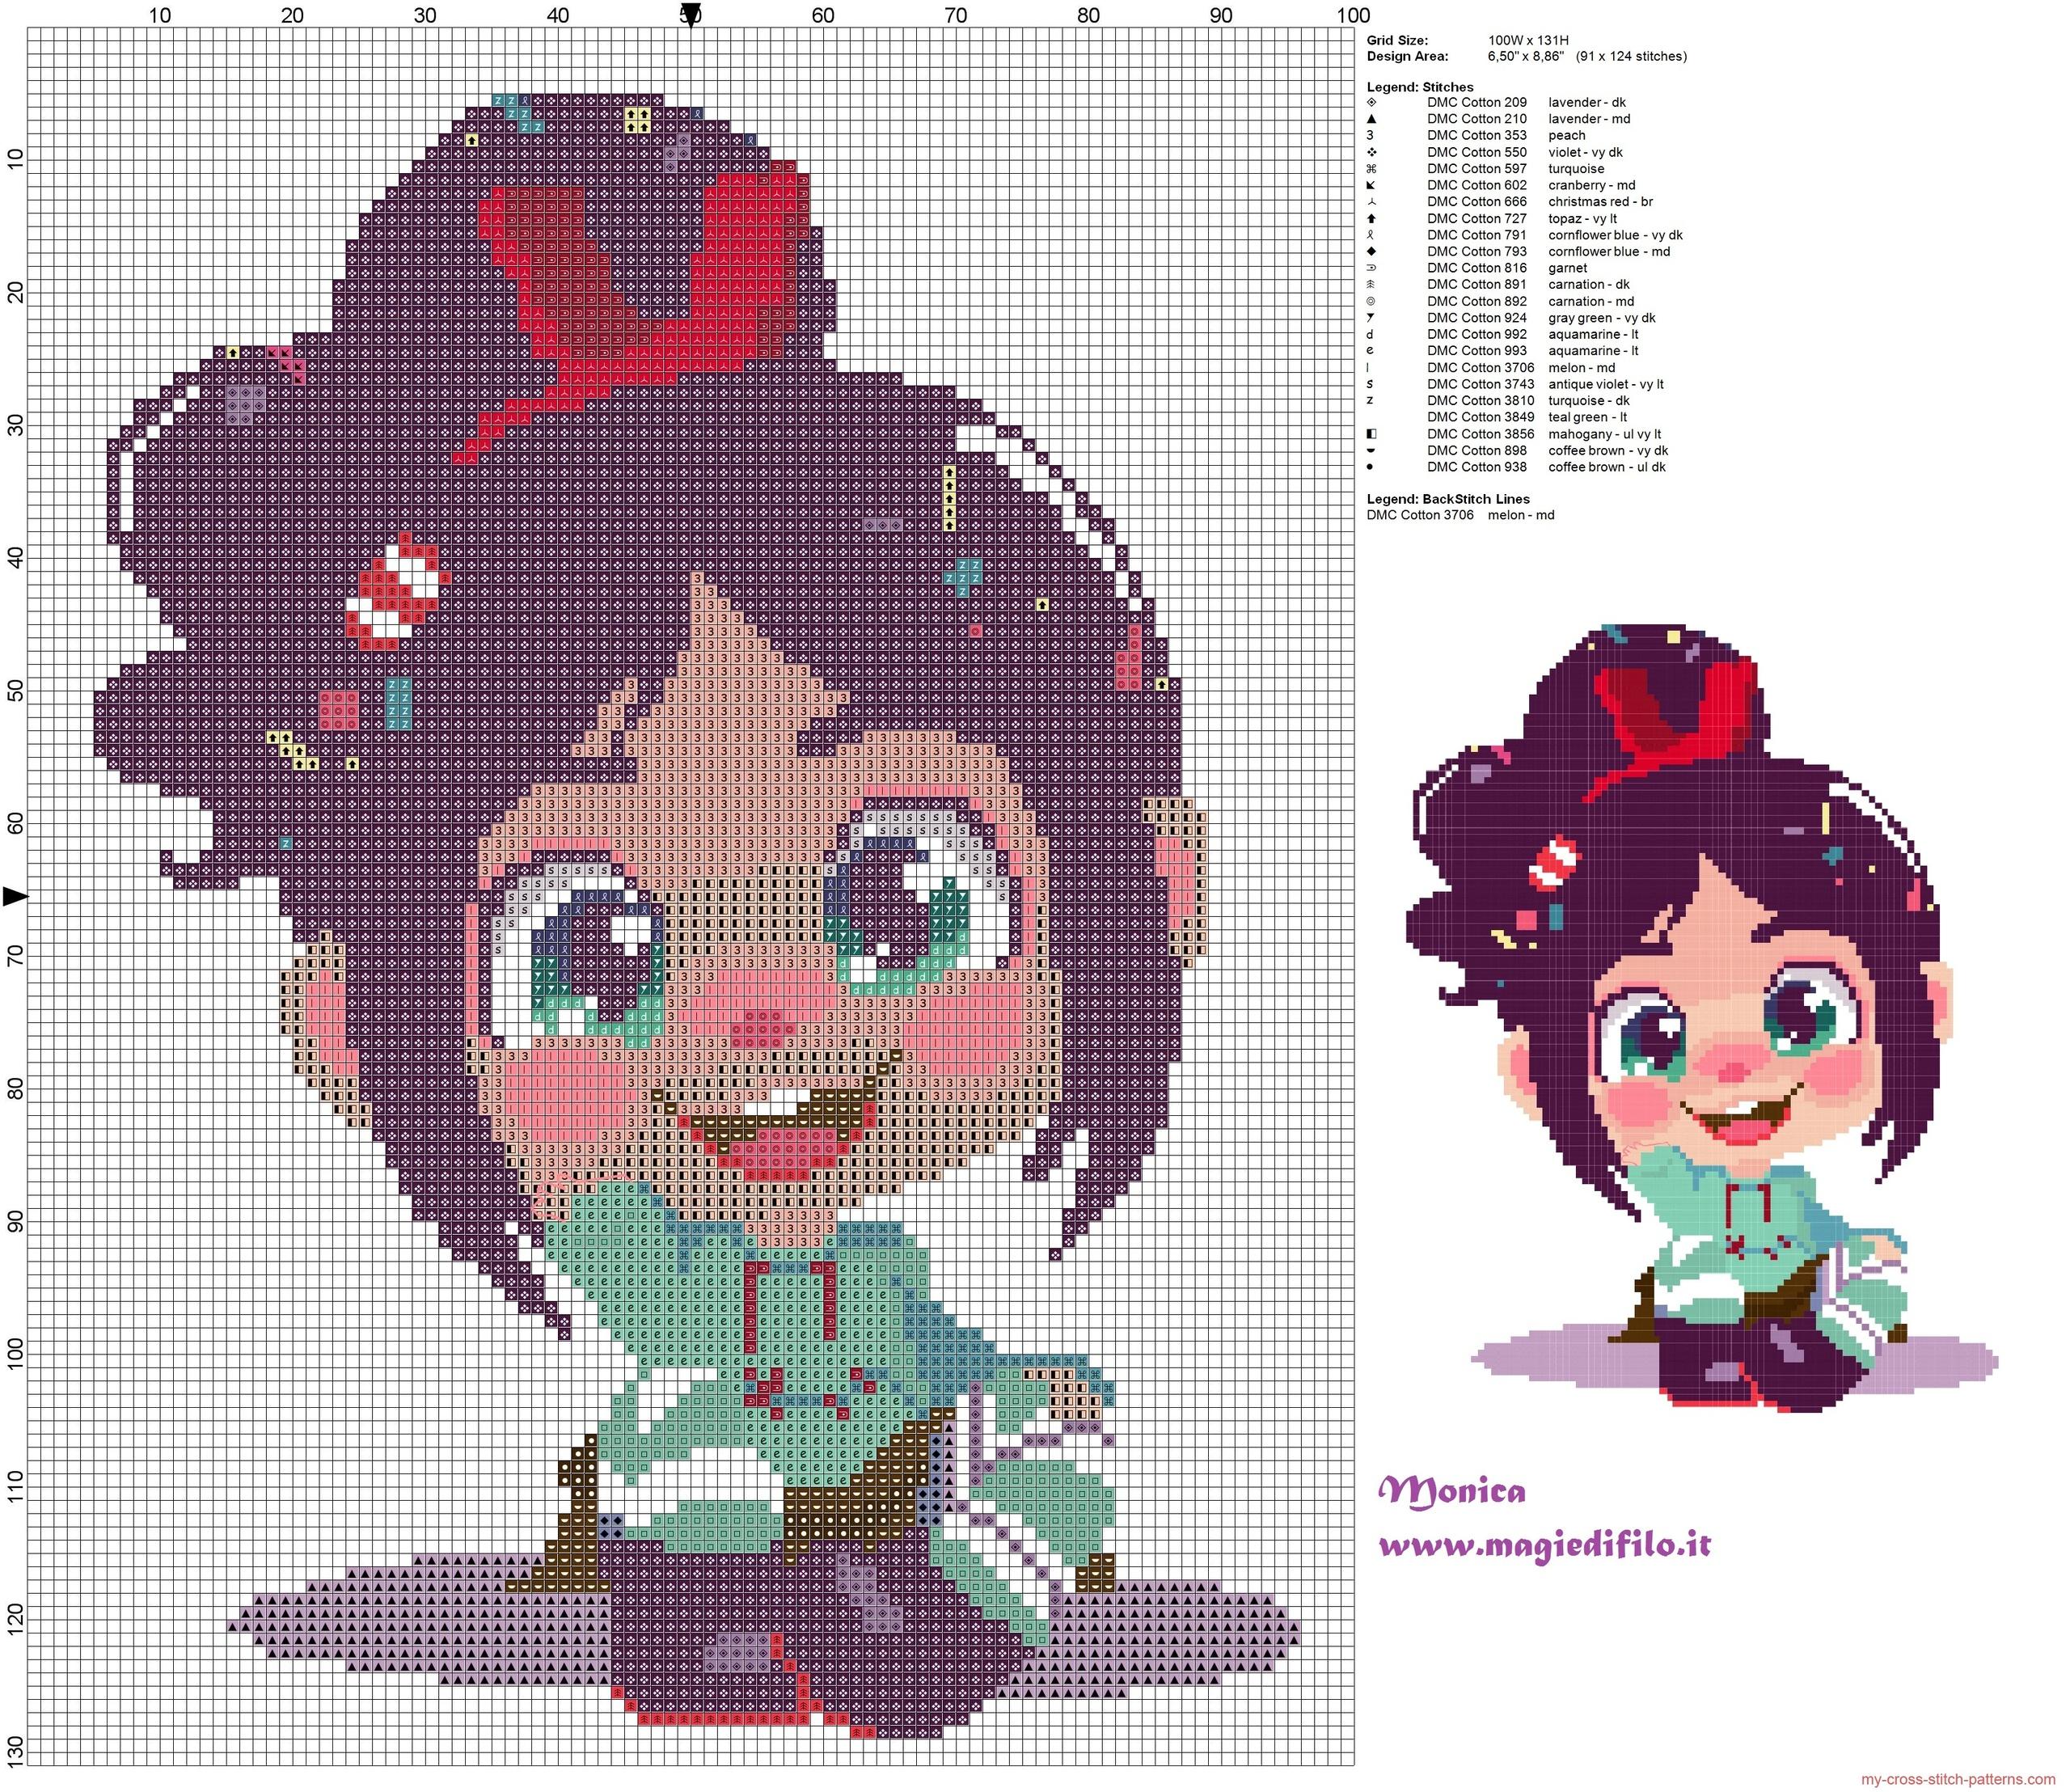 vanellope_wreck_it_ralph_cross_stitch_pattern